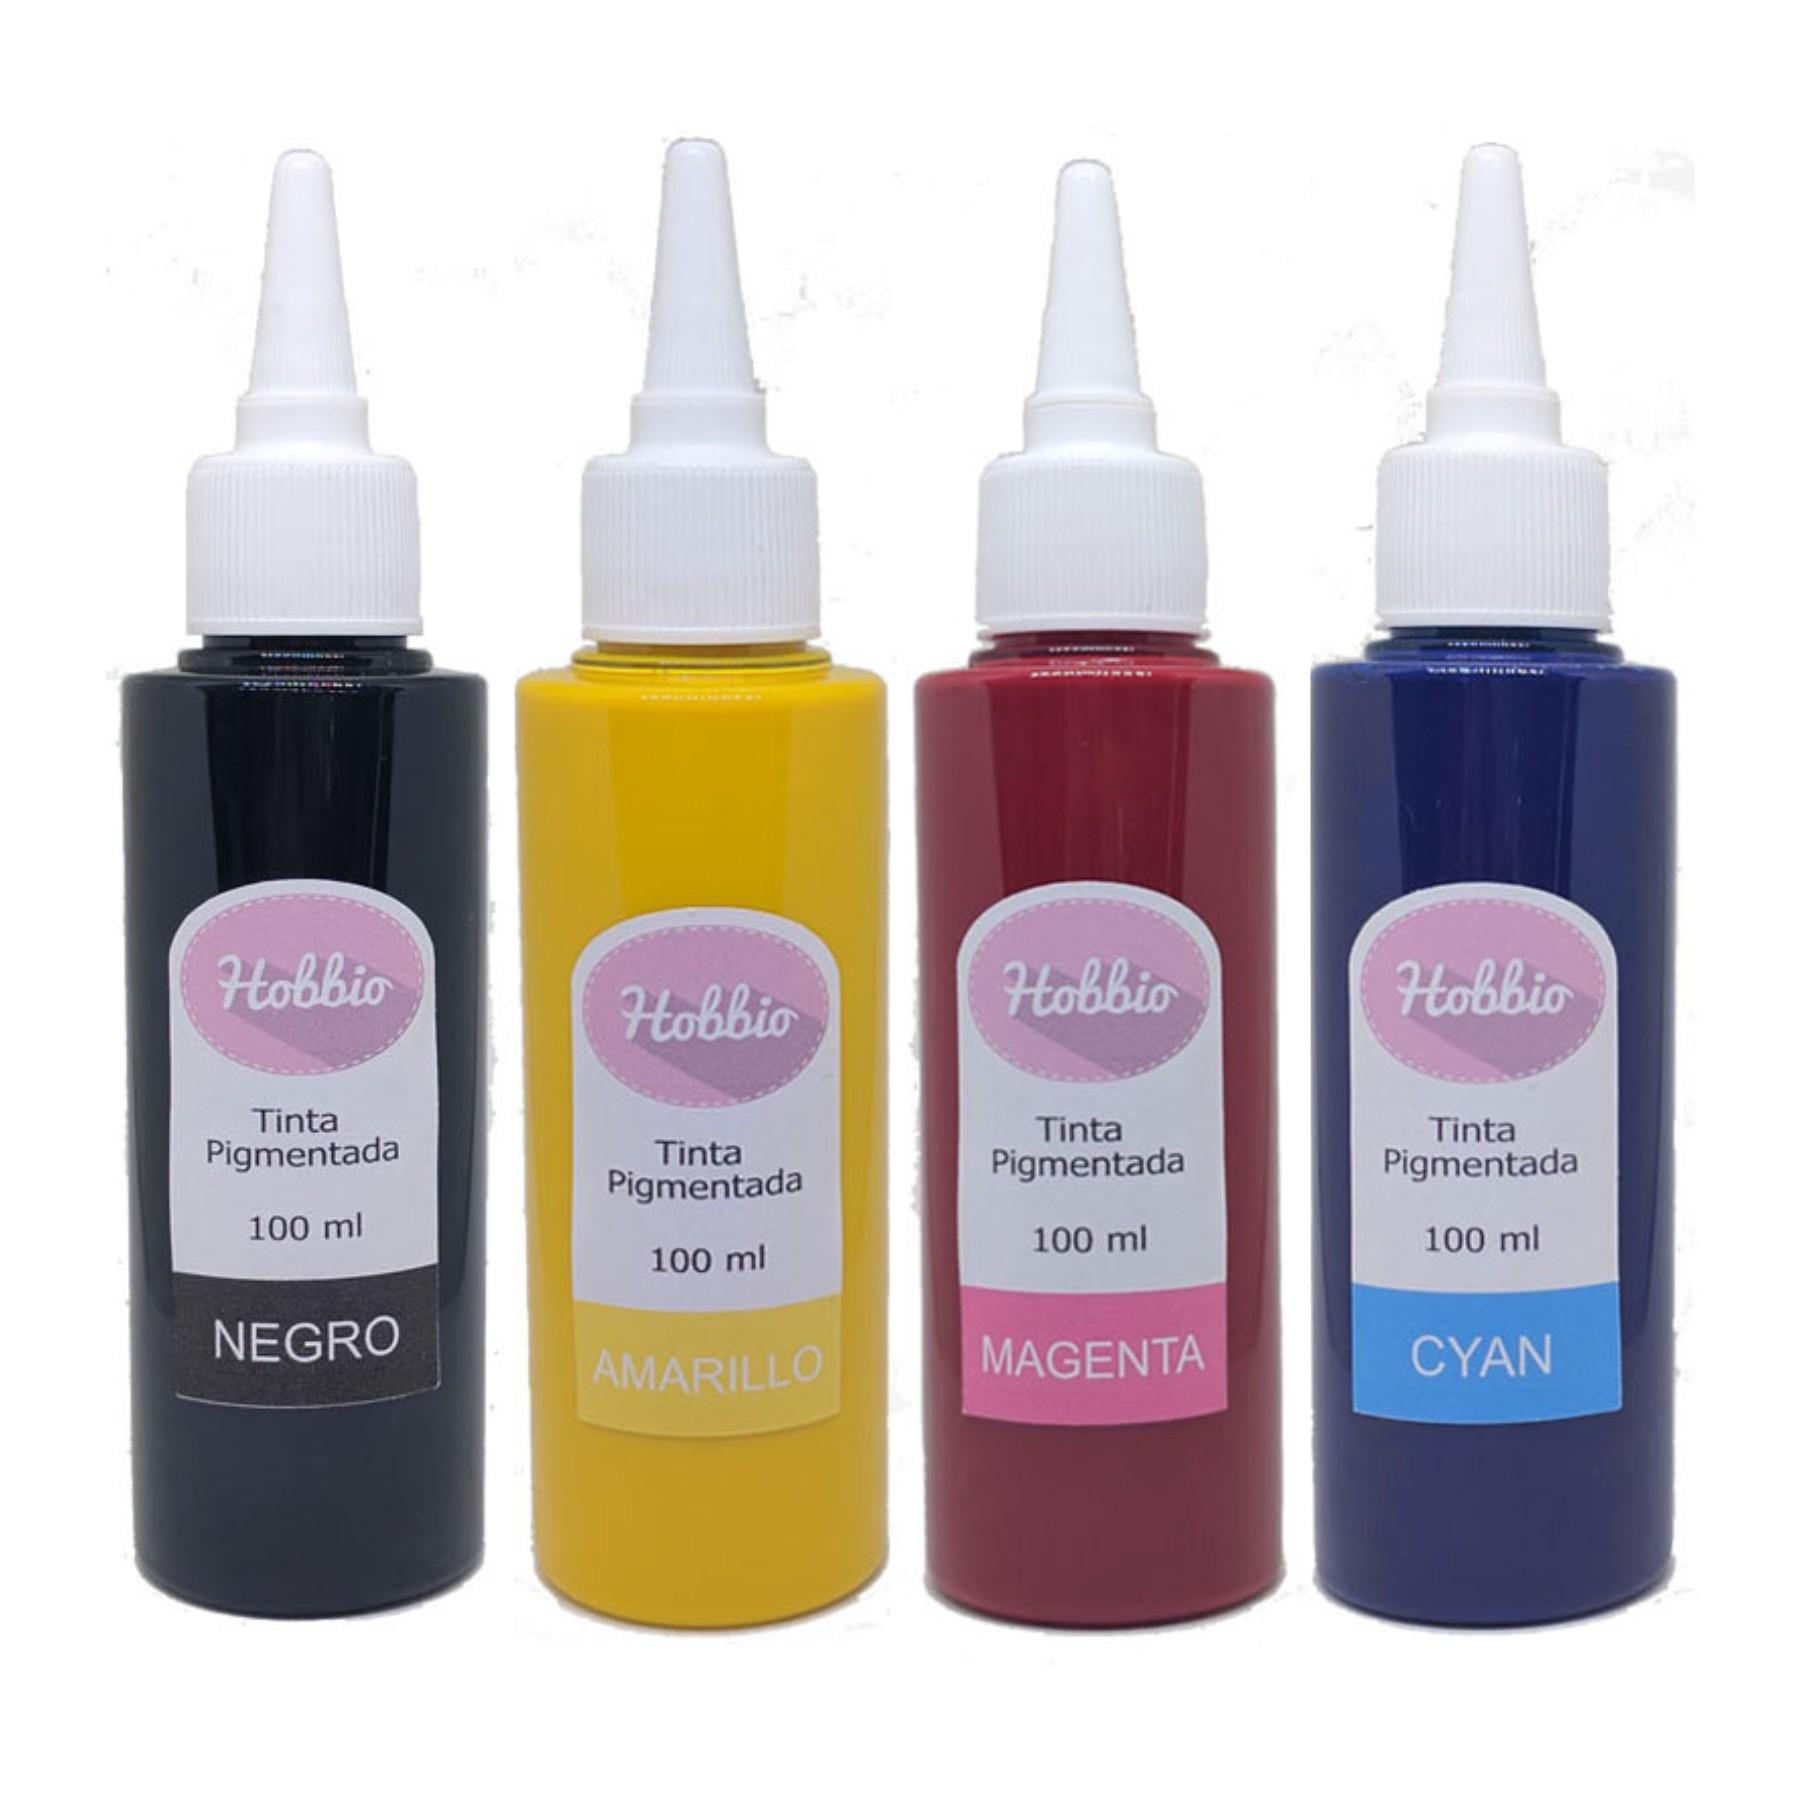 Tintas pigmentadas